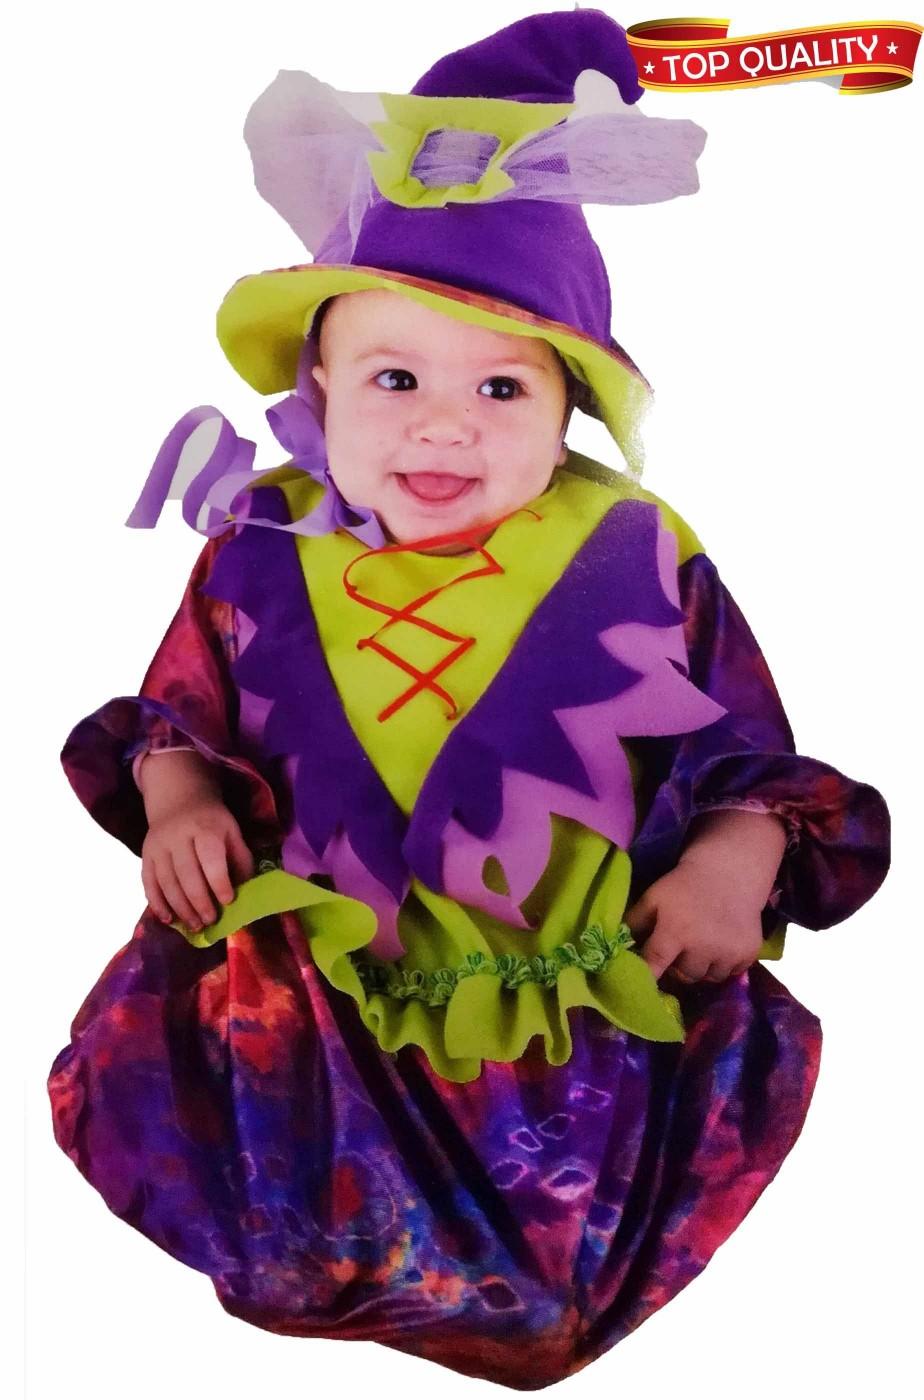 Costume Halloween e Carnevale per neonato alta qualita'